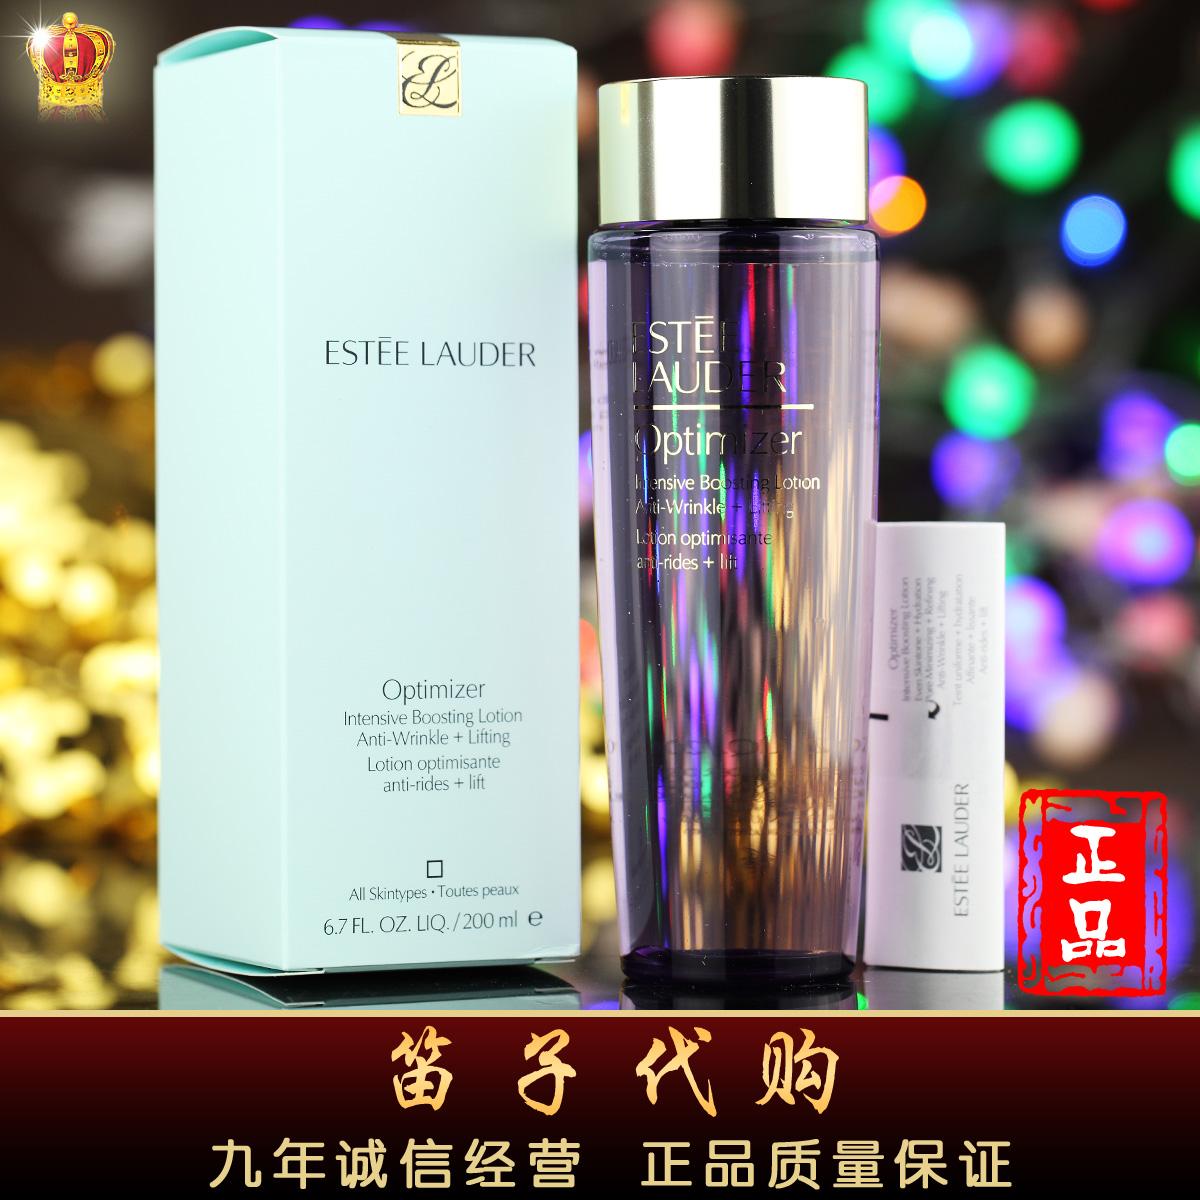 Лосьон/лосьон Estee Lauder 200ML estee lauder женская парфюмированная вода estee lauder sensuous 9tmj010000 30 мл